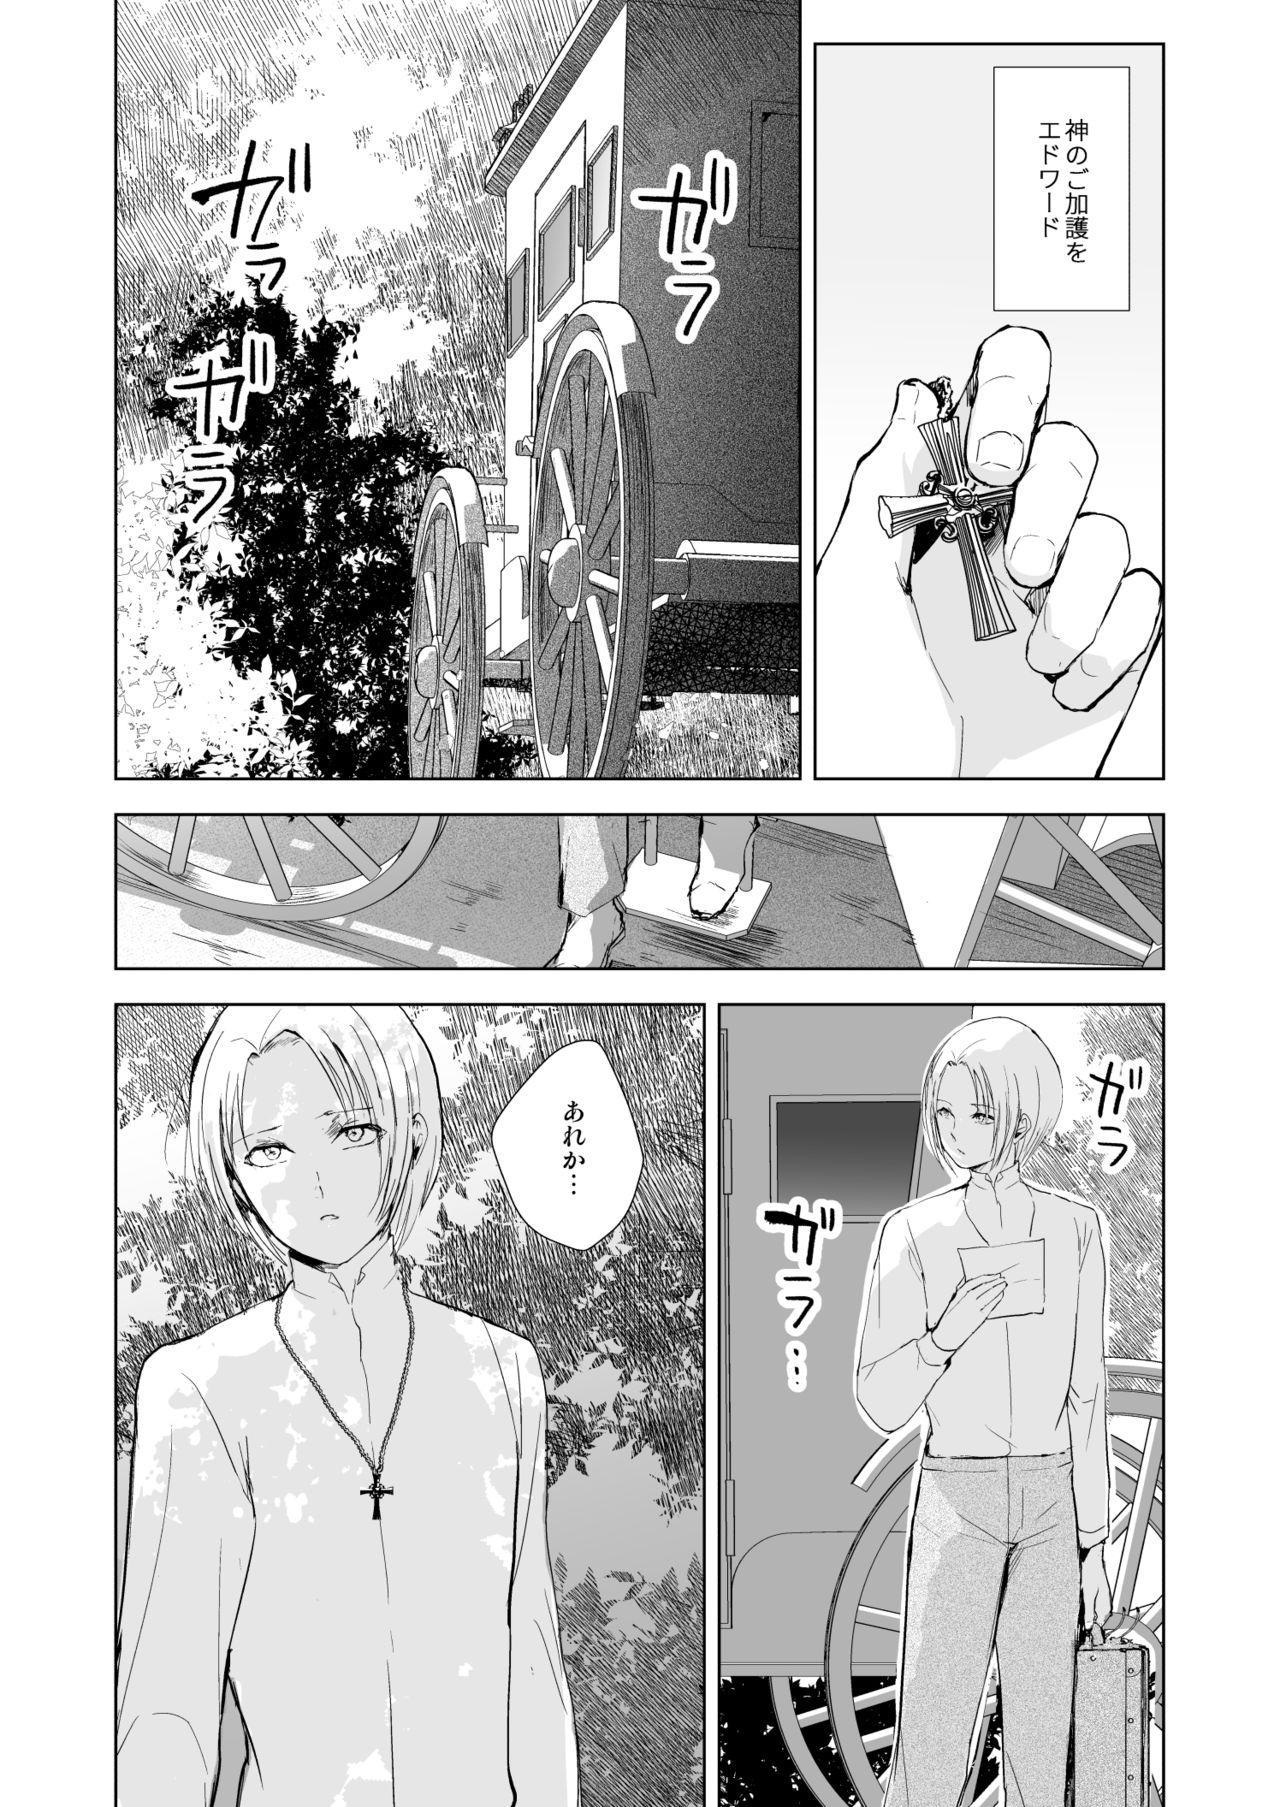 Hiiro no Shiro 2